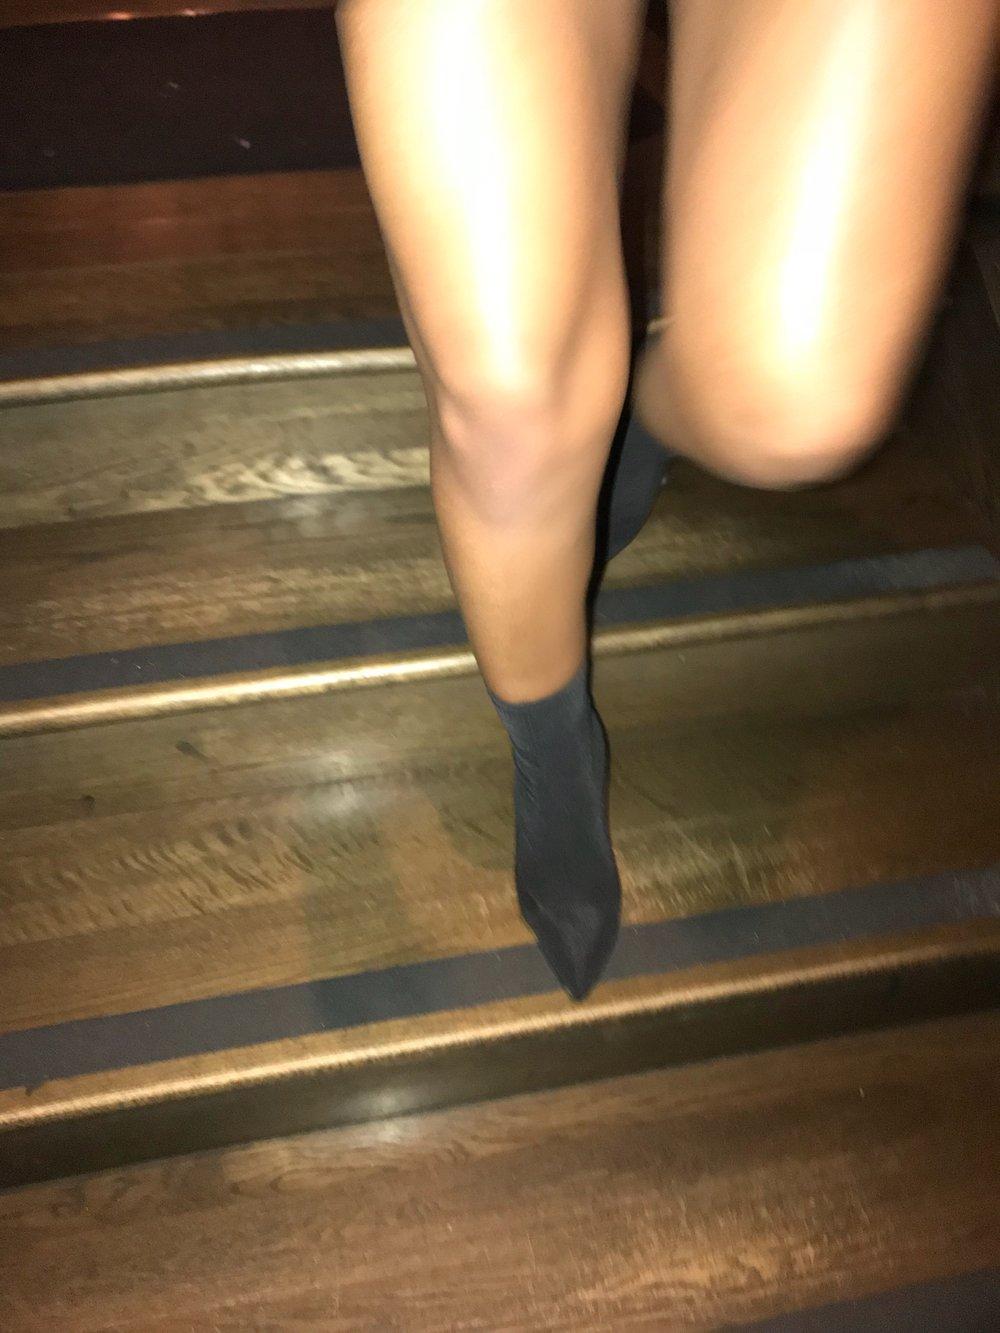 legs 4 dayz